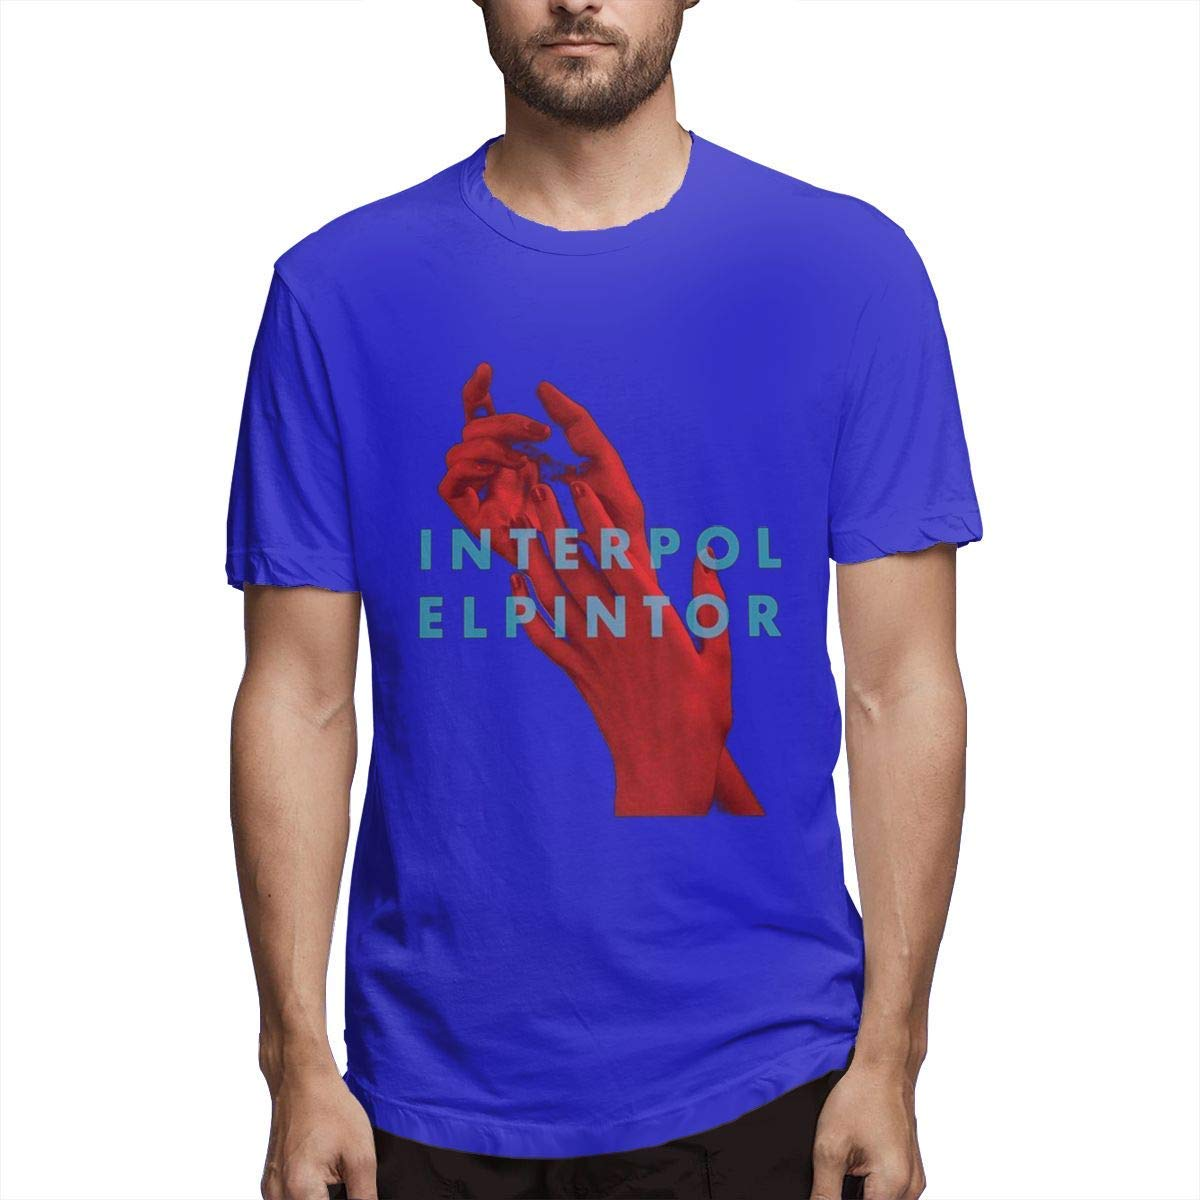 Slaoero Interpol El Pintor Funny Summer Cool Soft Tshirt For